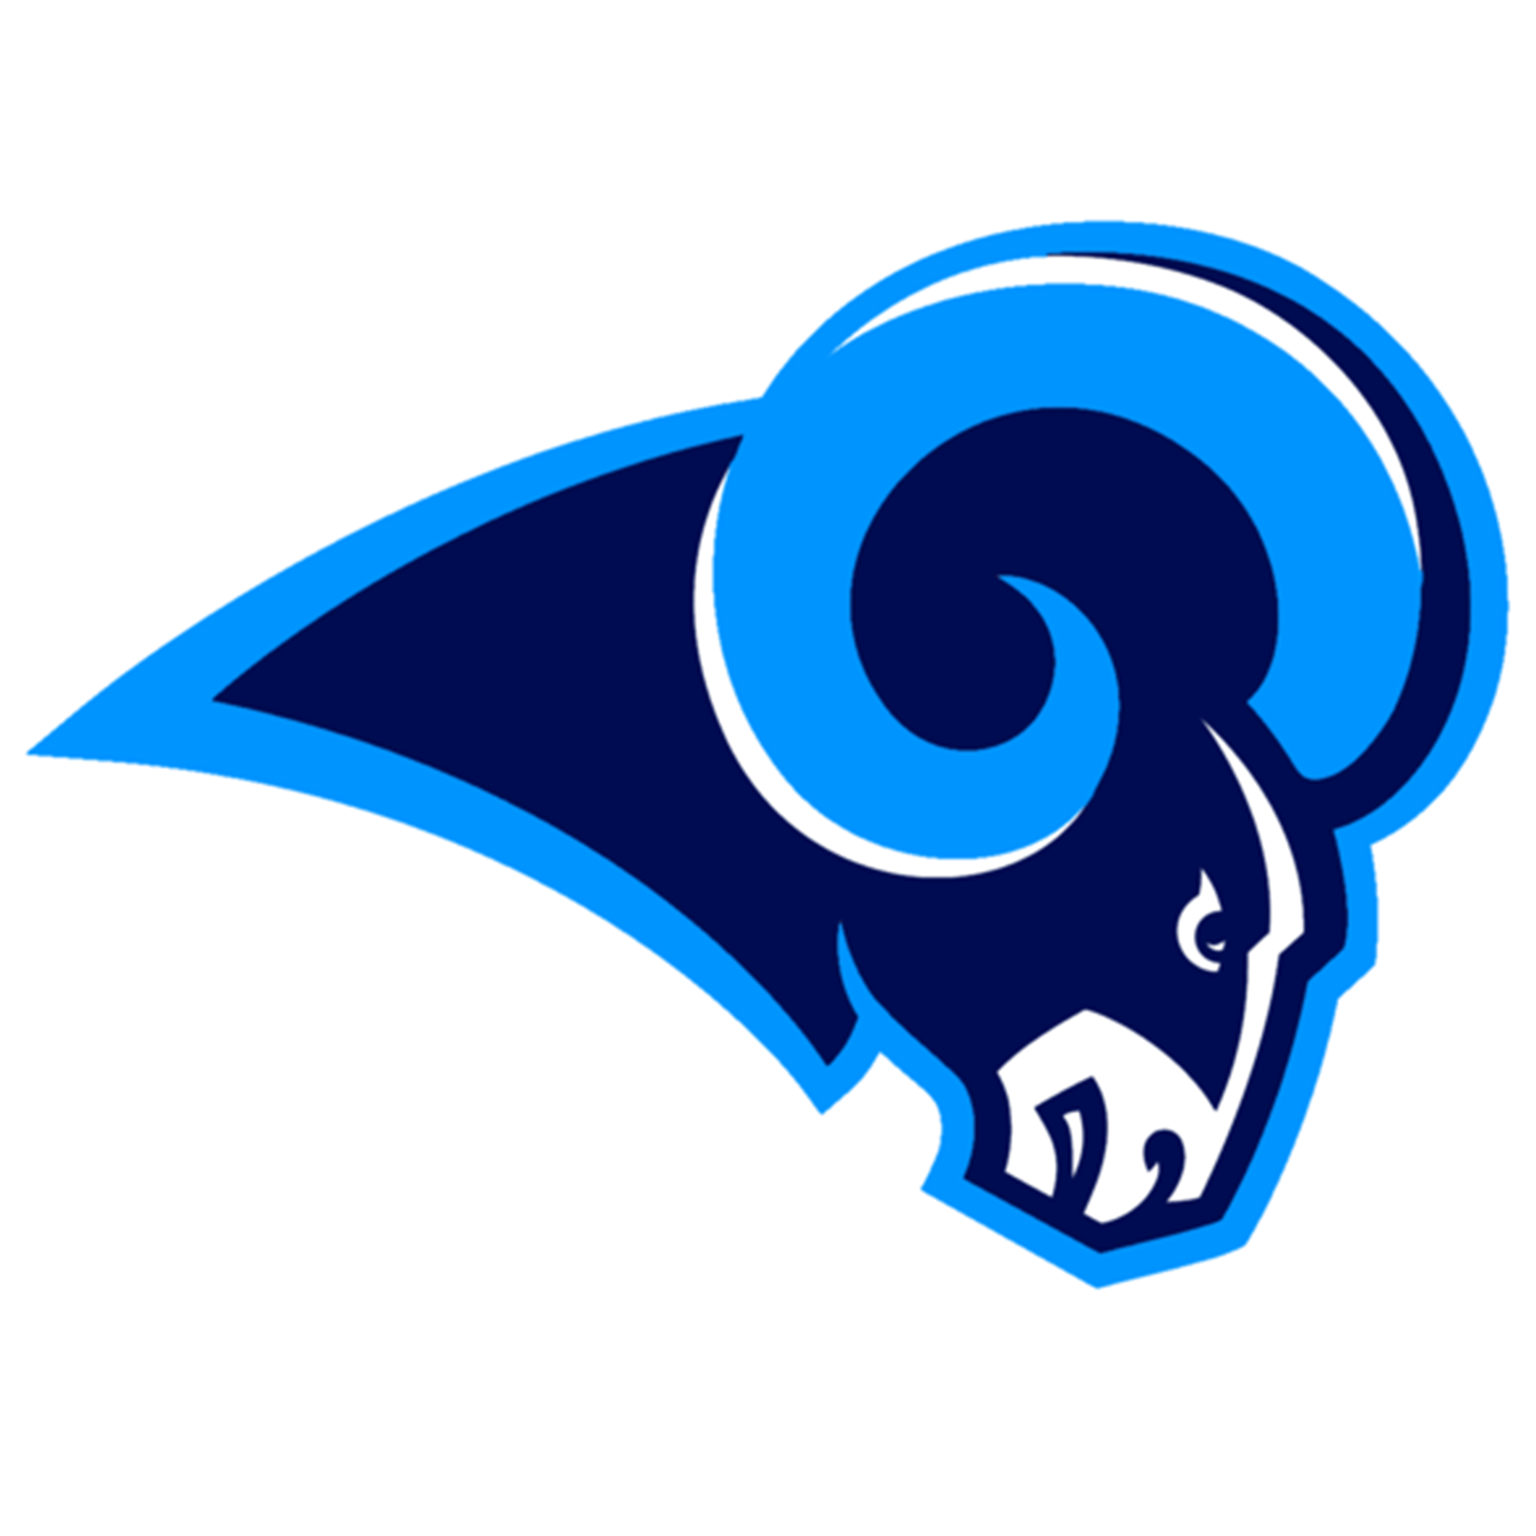 Rodgers  wa  rams logo